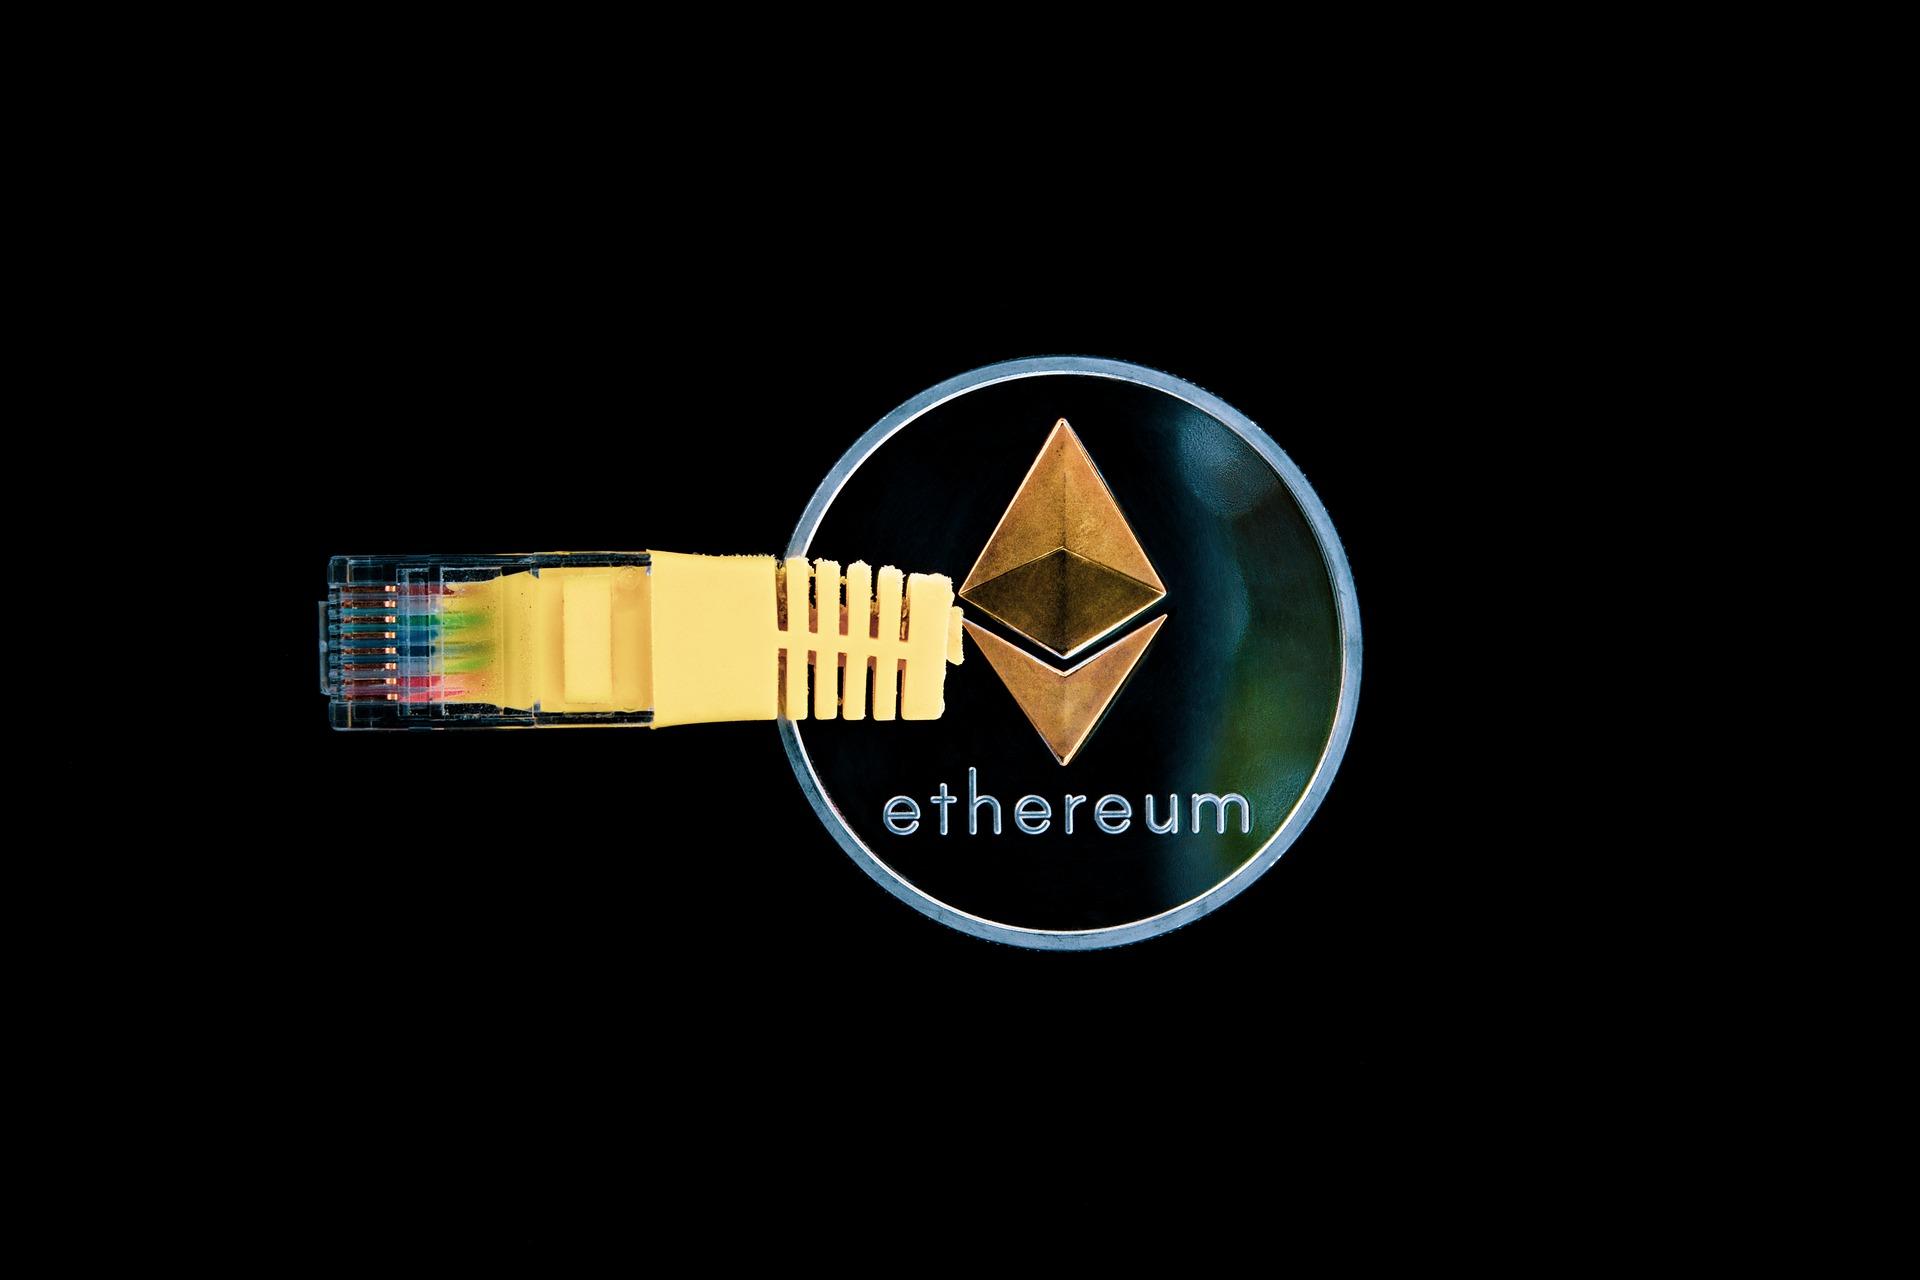 Keressen Bitcoin-t, egyszerűen és gyorsan !!